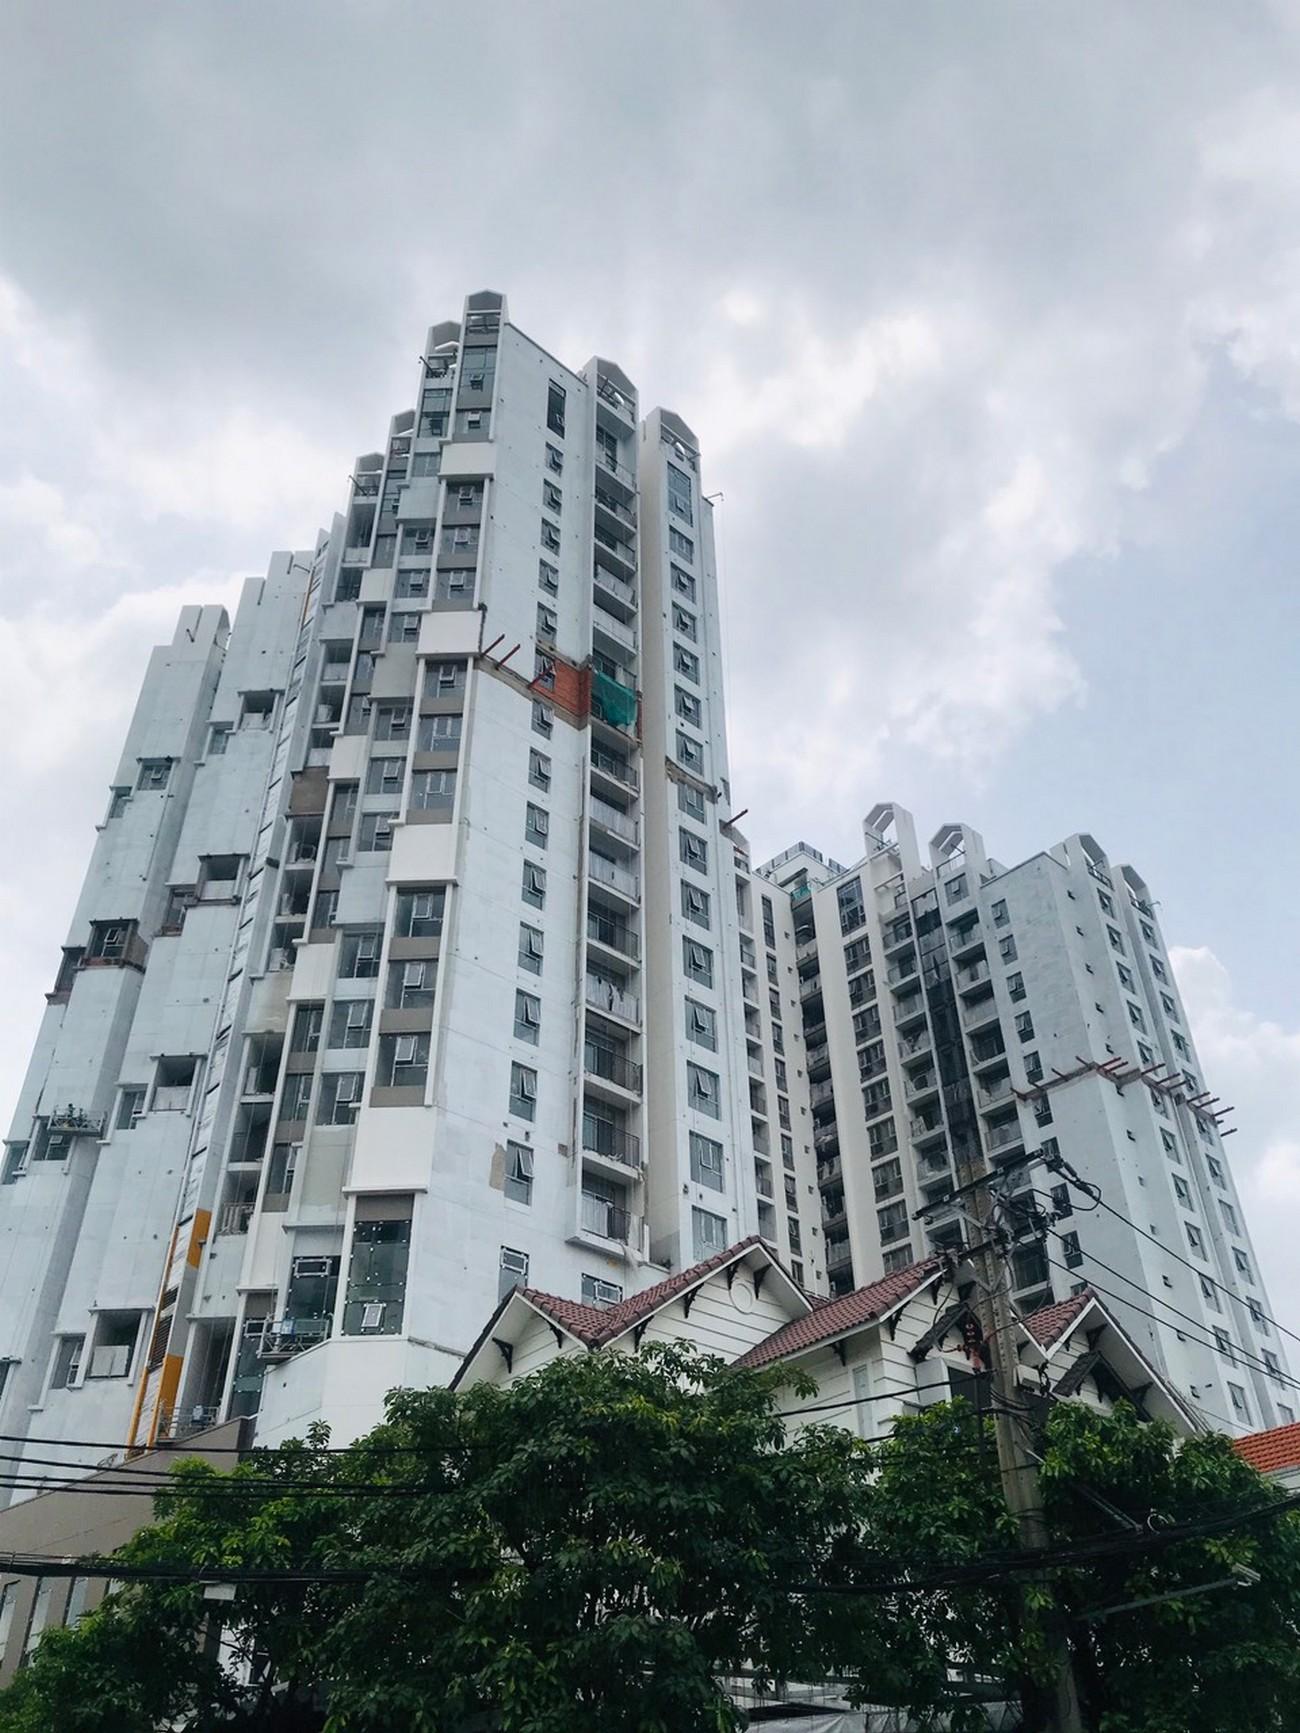 Tiến độ dự án căn hộ chung cư Asiana Capella Quận 6 Đường Trần Văn Kiểu chủ đầu tư Gotec Land